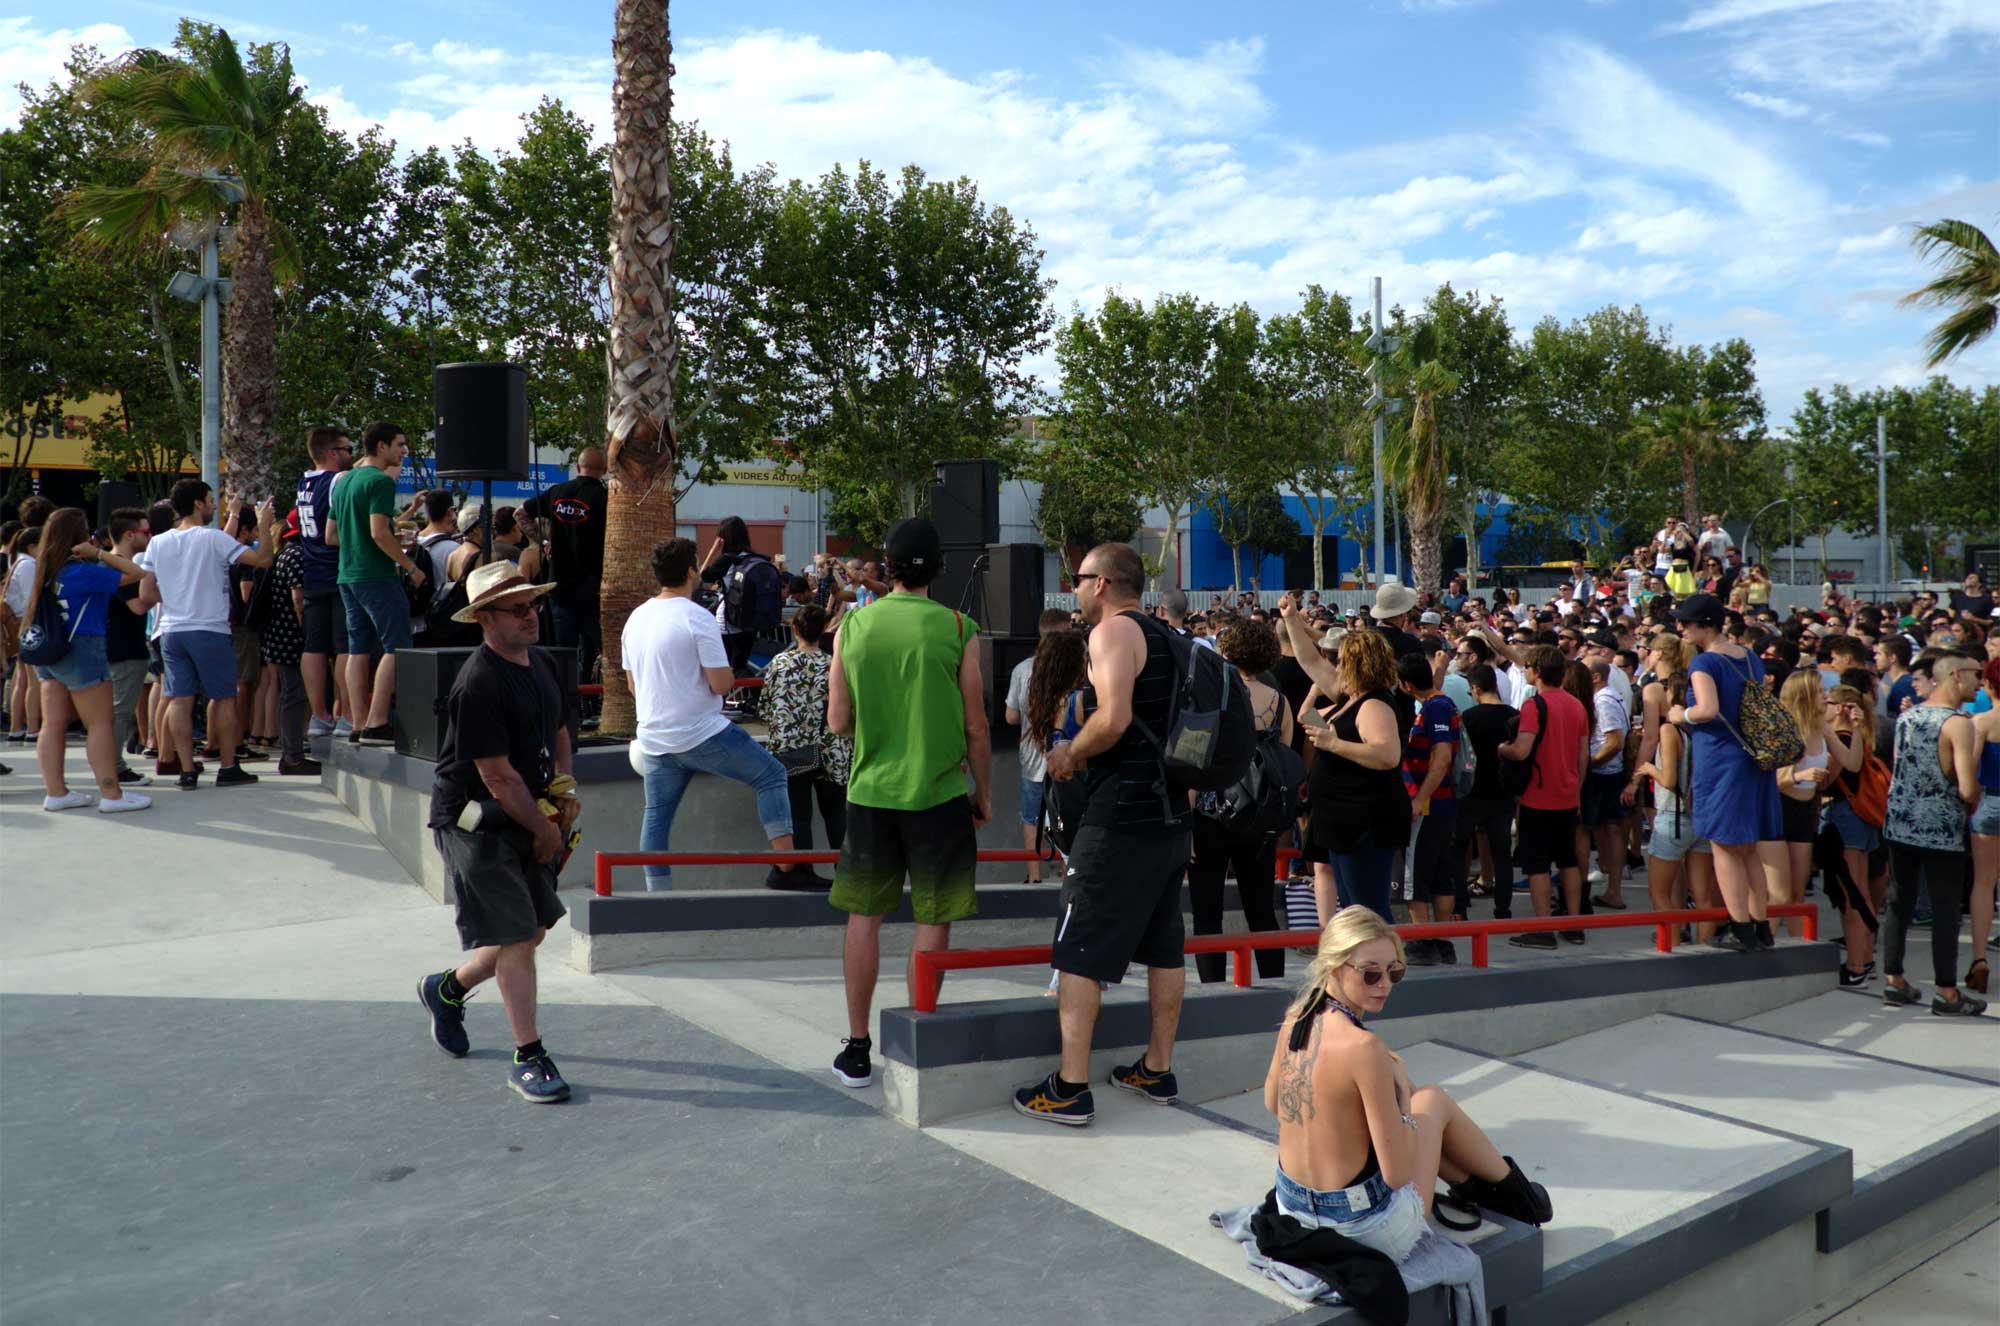 Ambient de la sessió de Richie Hawtin al Skate Park de Badalona en la inauguració del Sónar 2016. Ha estat un concert sorpresa gratuït que ha reunit a milers de joves.